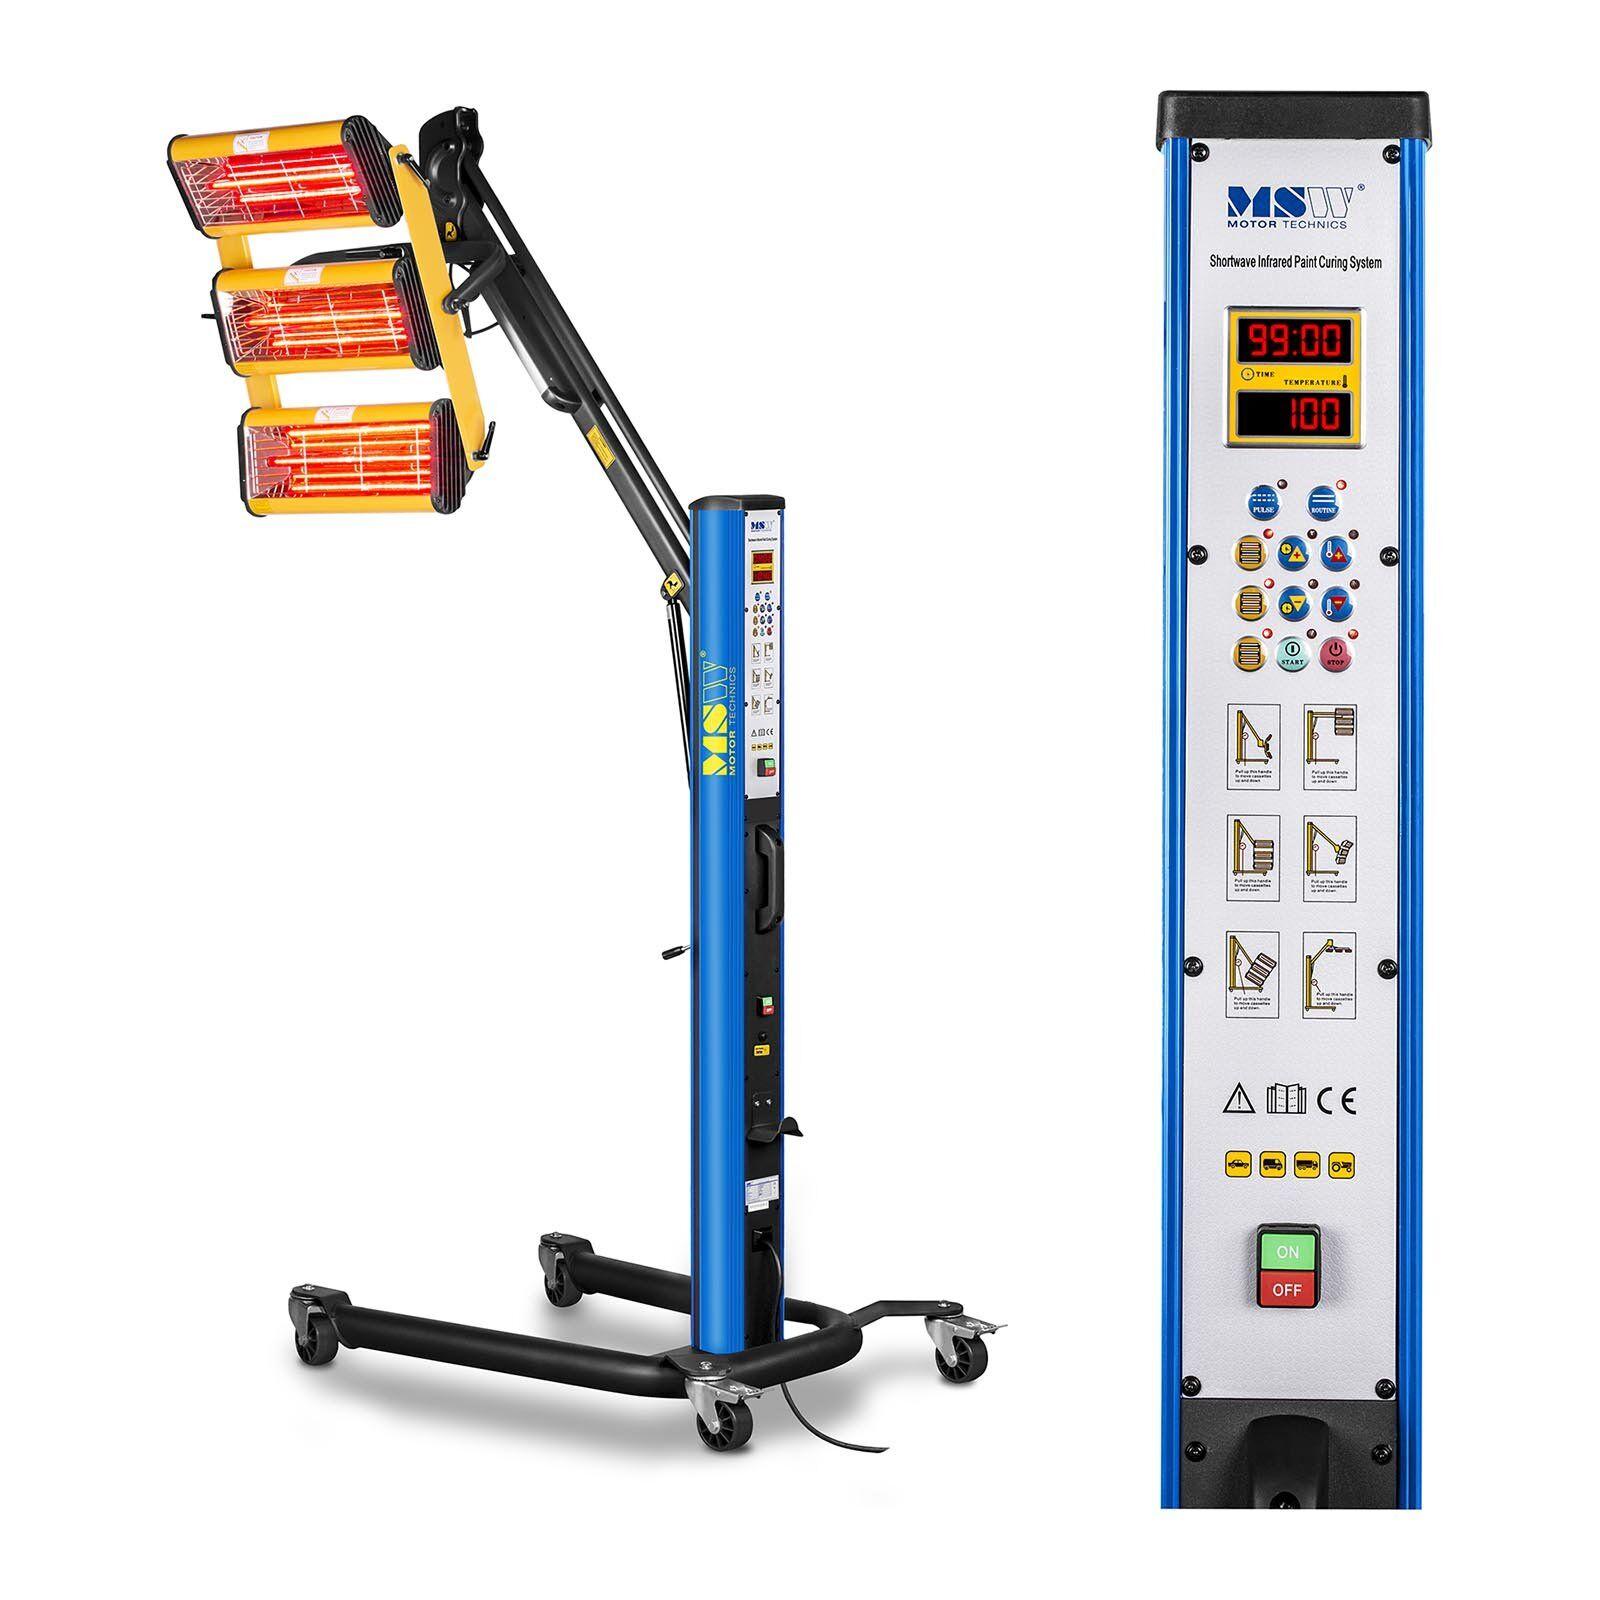 MSW Lampe infrarouge carrosserie - 3300 W - de 3 émetteurs IR-DRYER3000.1